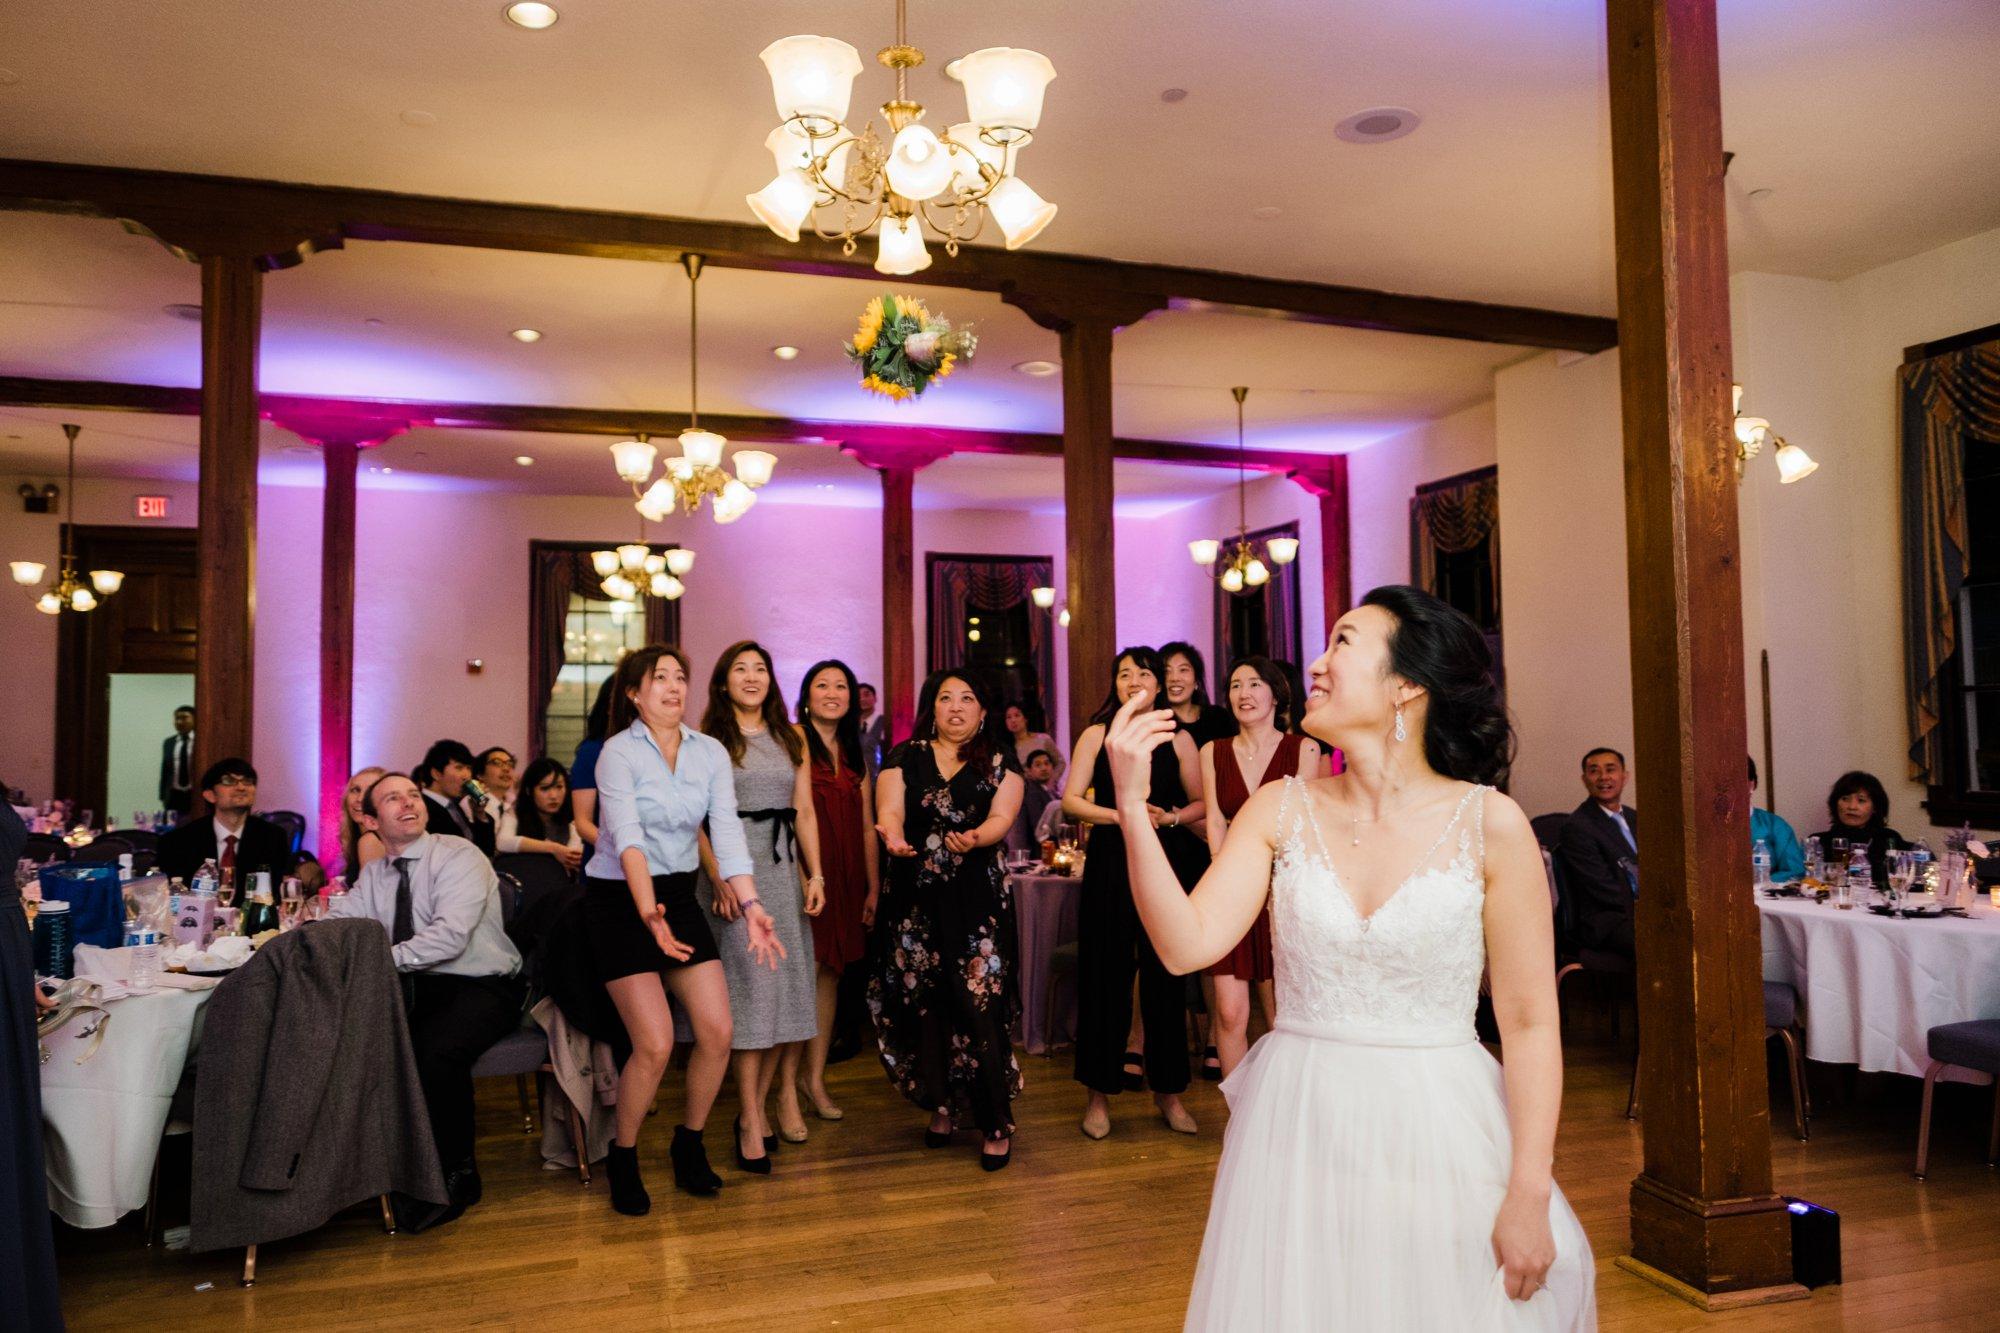 fairfax-dc-wedding-old-city-hall_0171.jpg